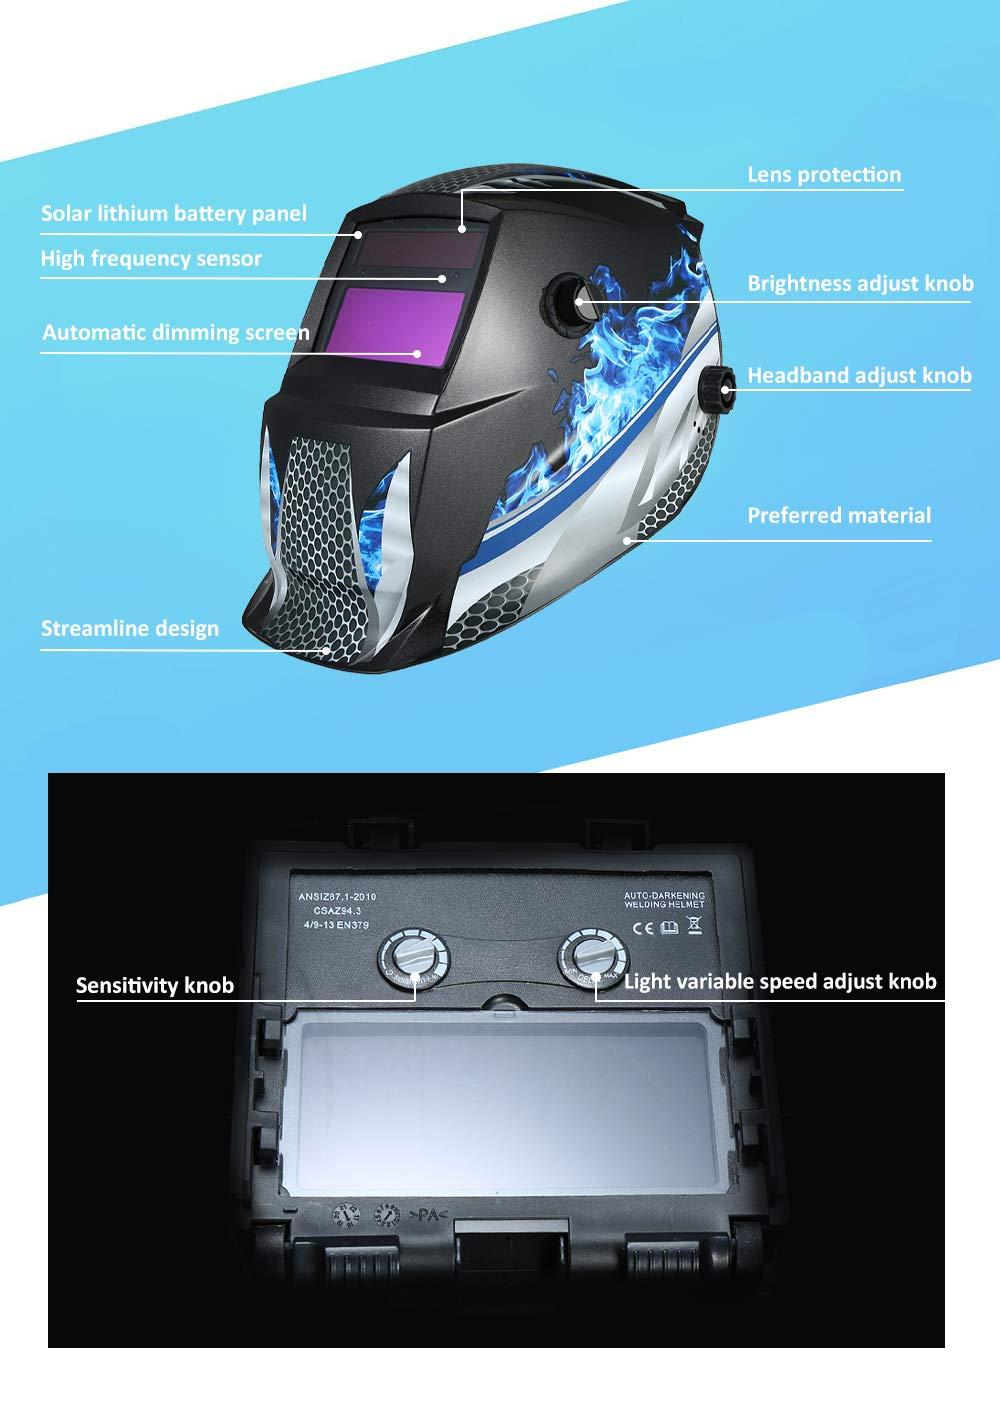 KKmoon Casco de Soldadura Solar Enérgico de Tig Mig Molienda de estilo robótico profesional: Amazon.es: Bricolaje y herramientas